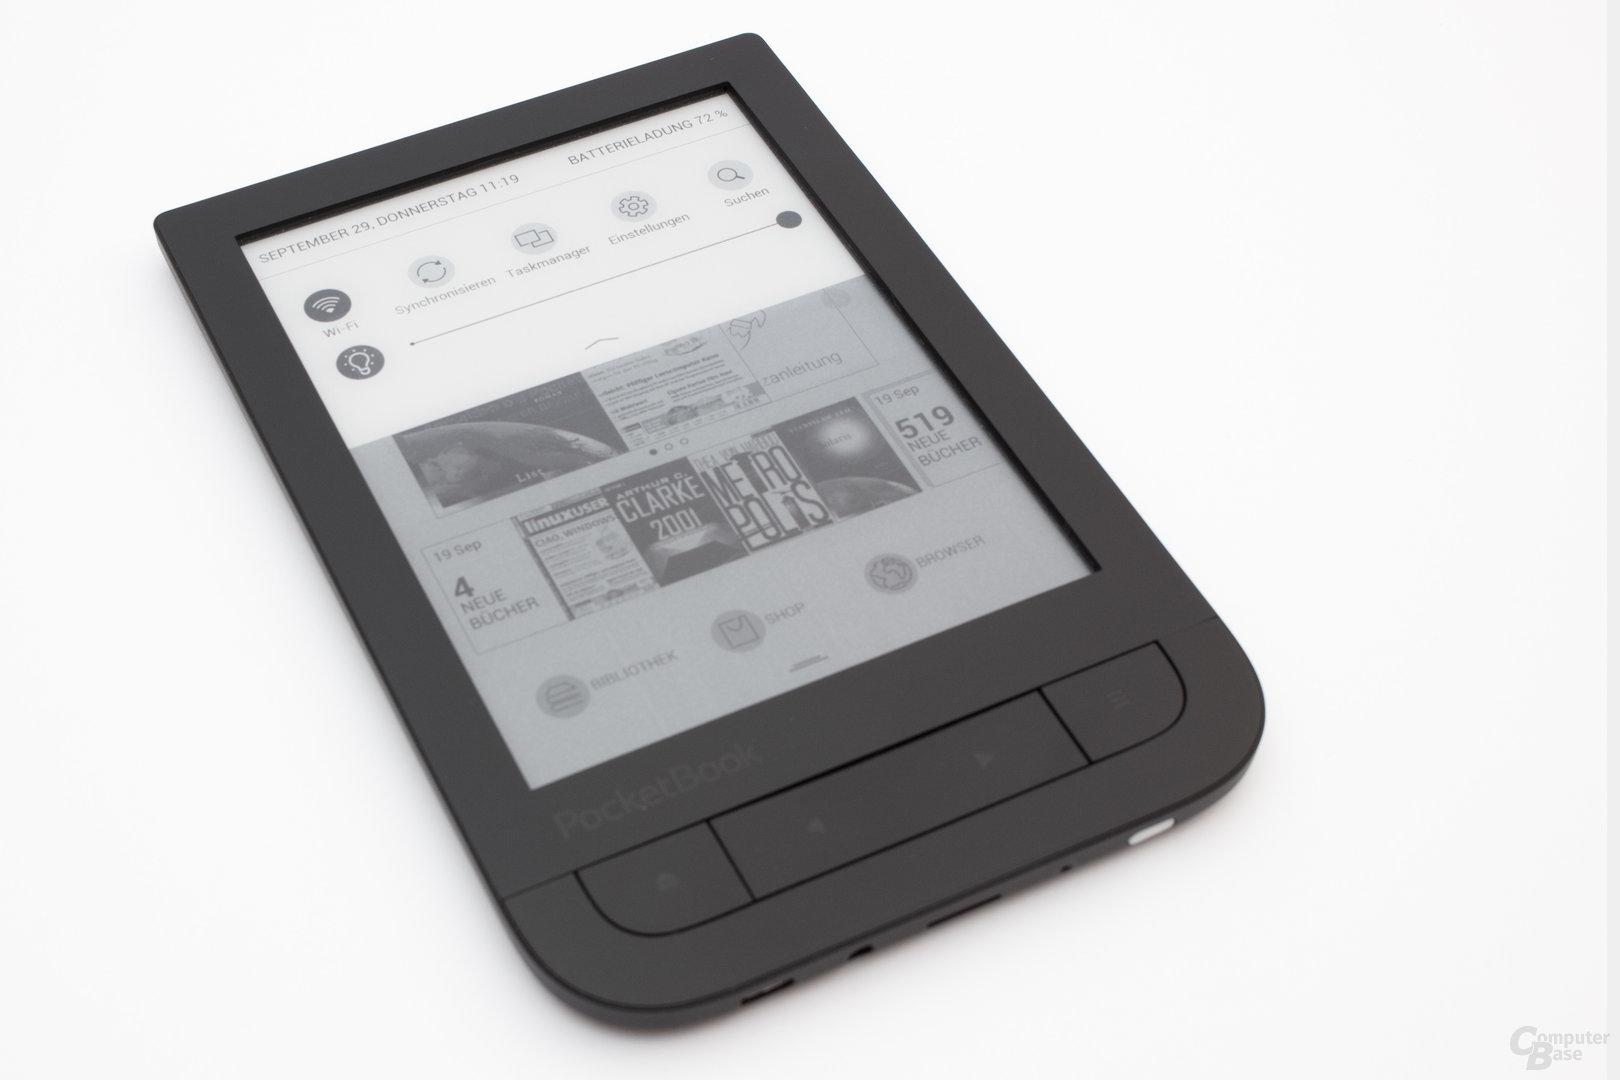 Schnelleinstellungen beim PocketBook Touch HD